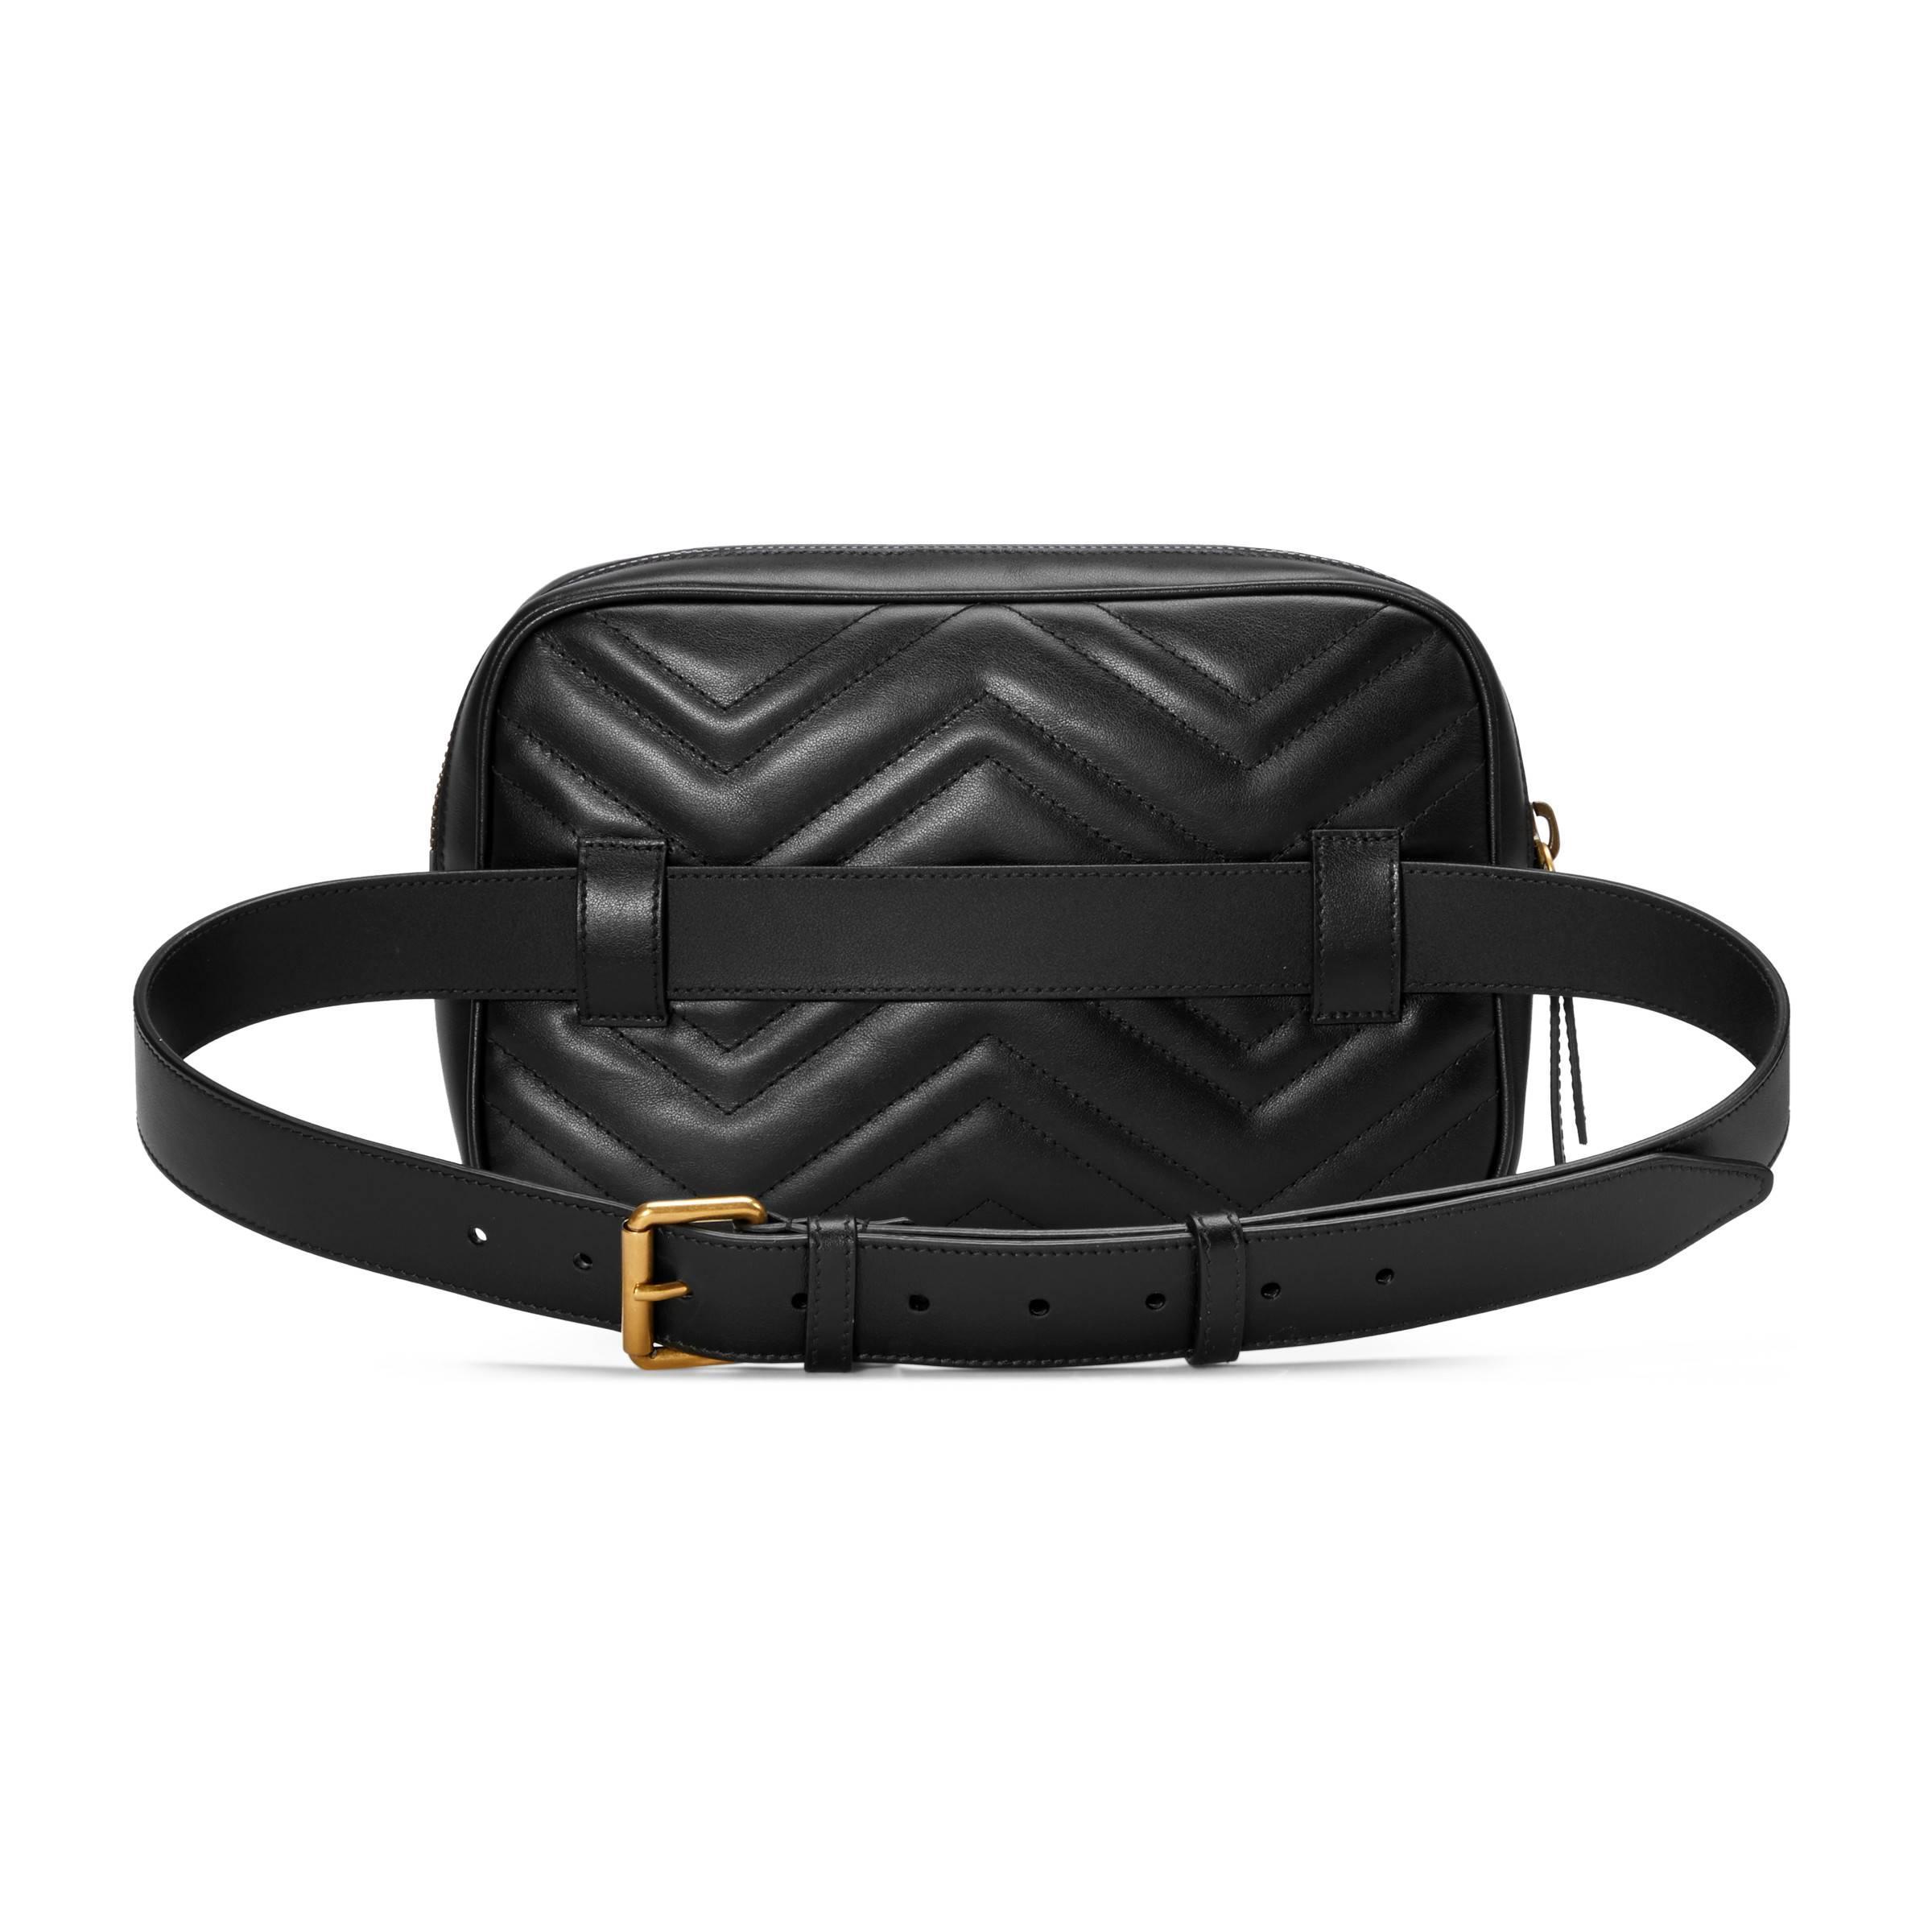 d4b6d1cfd28c7 Gucci - Black Bolsa con Cinturón GG Marmont de Matelassé for Men - Lyst.  Ver en pantalla completa